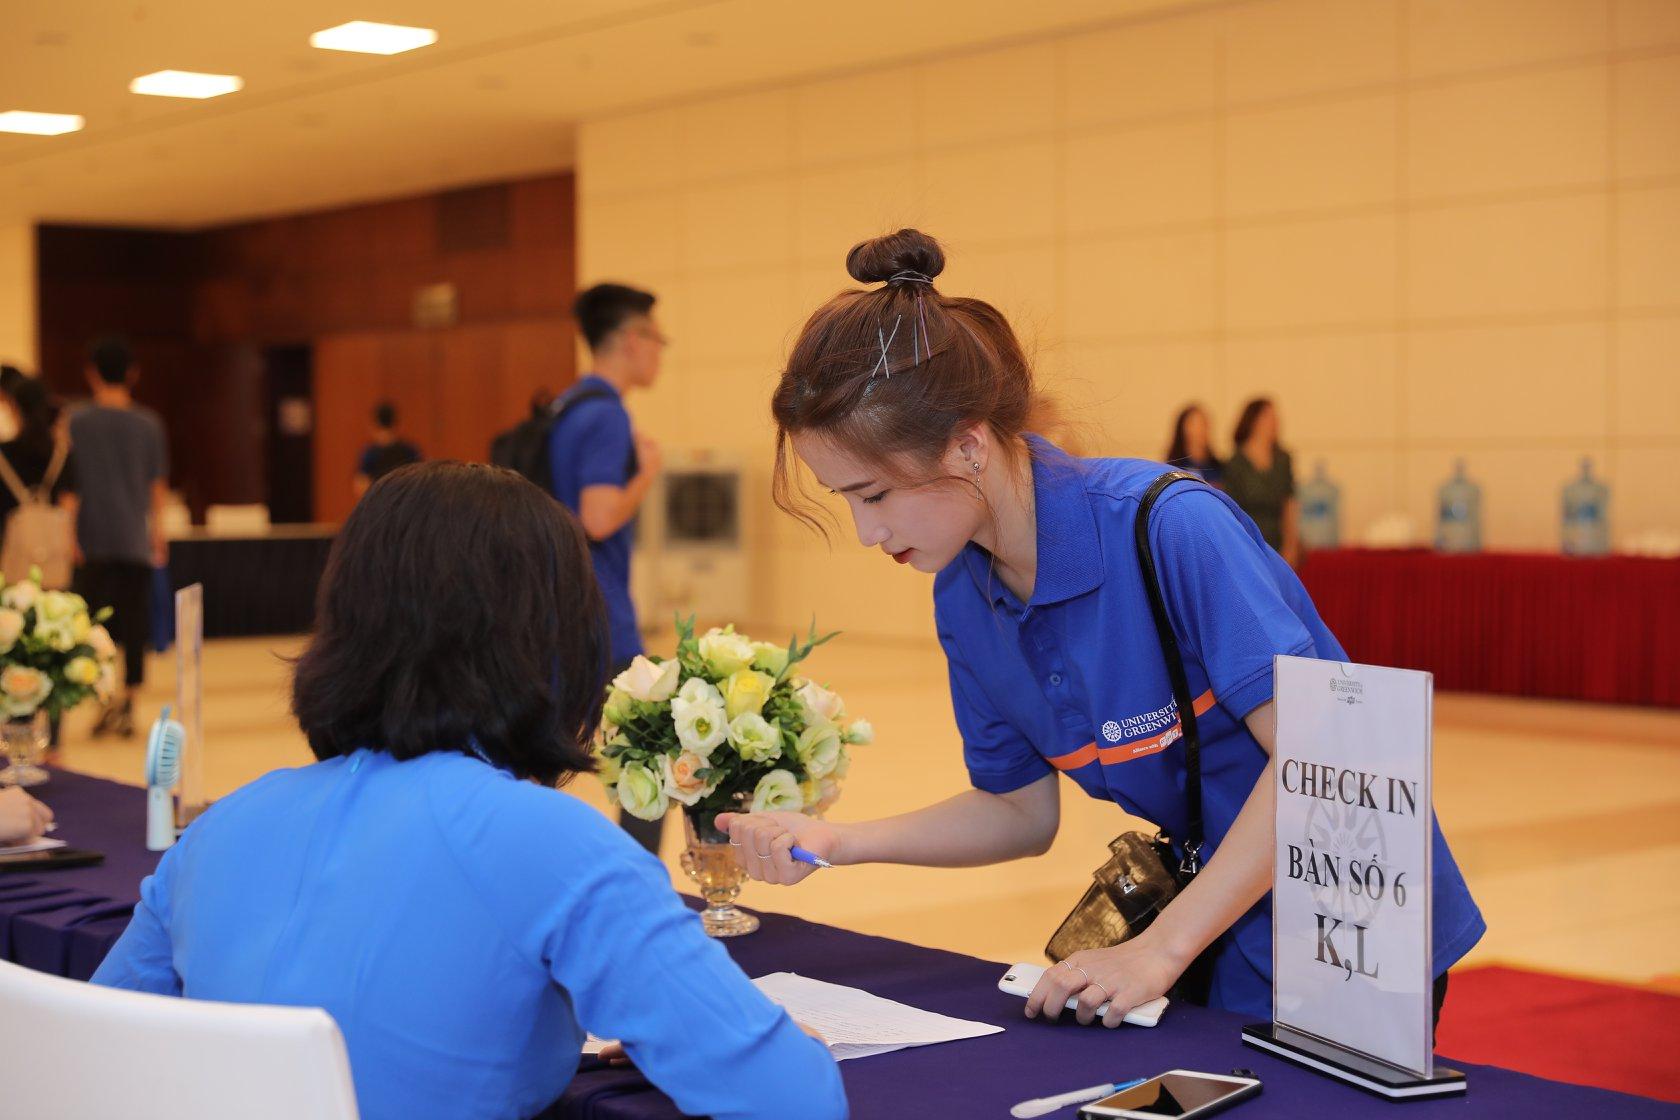 Các sinh viên làm thủ tục check-in trước buổi lễ khai giảng.